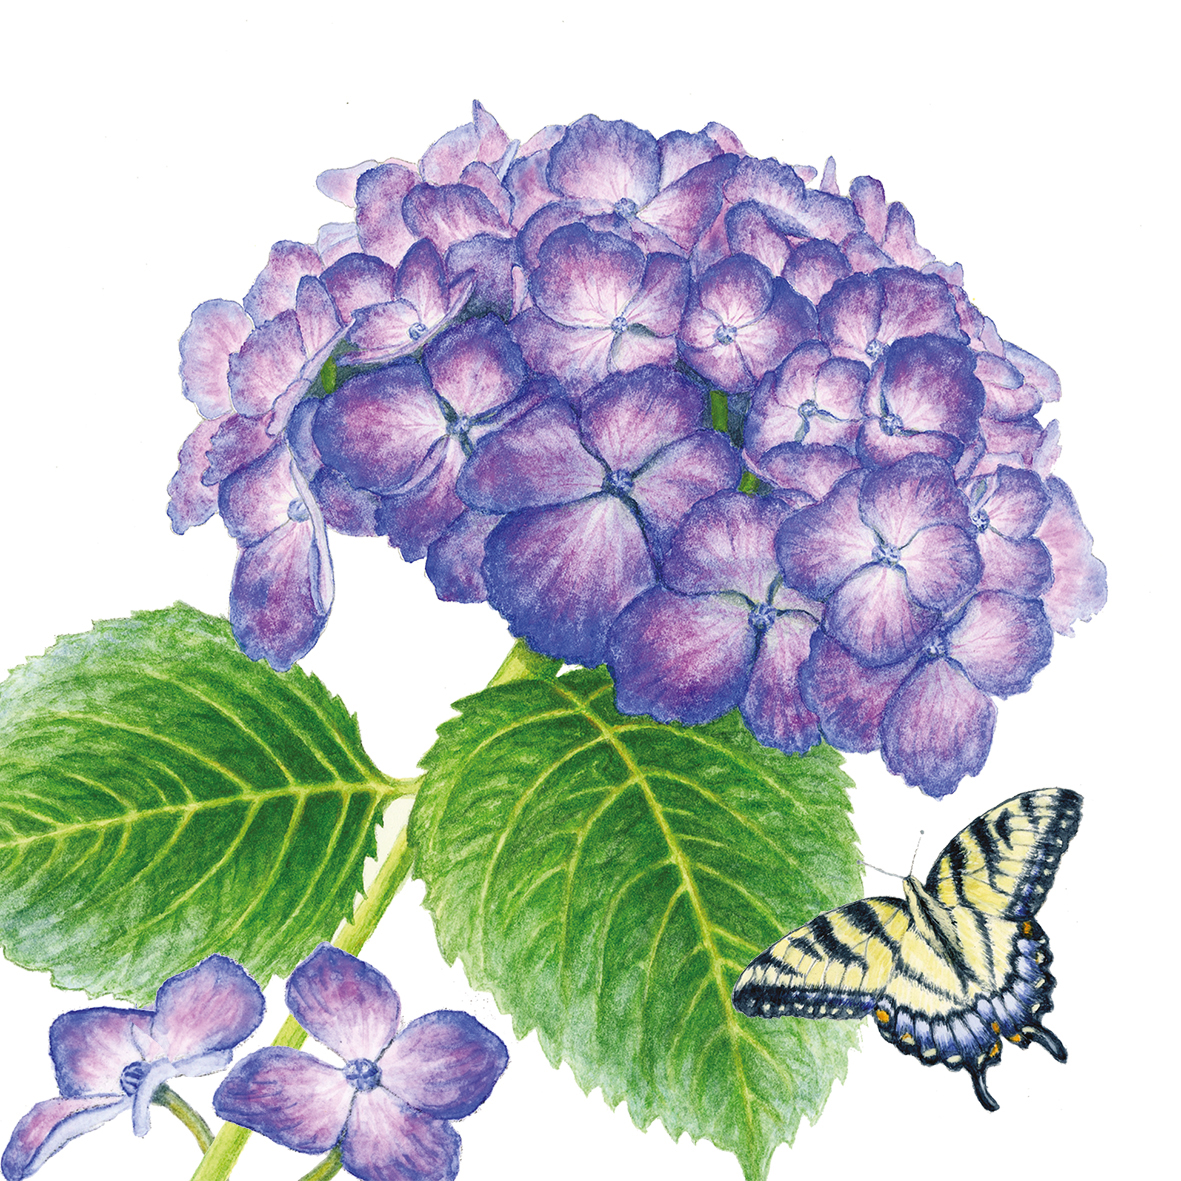 Hydrangea & Butterfly 25x25 cm